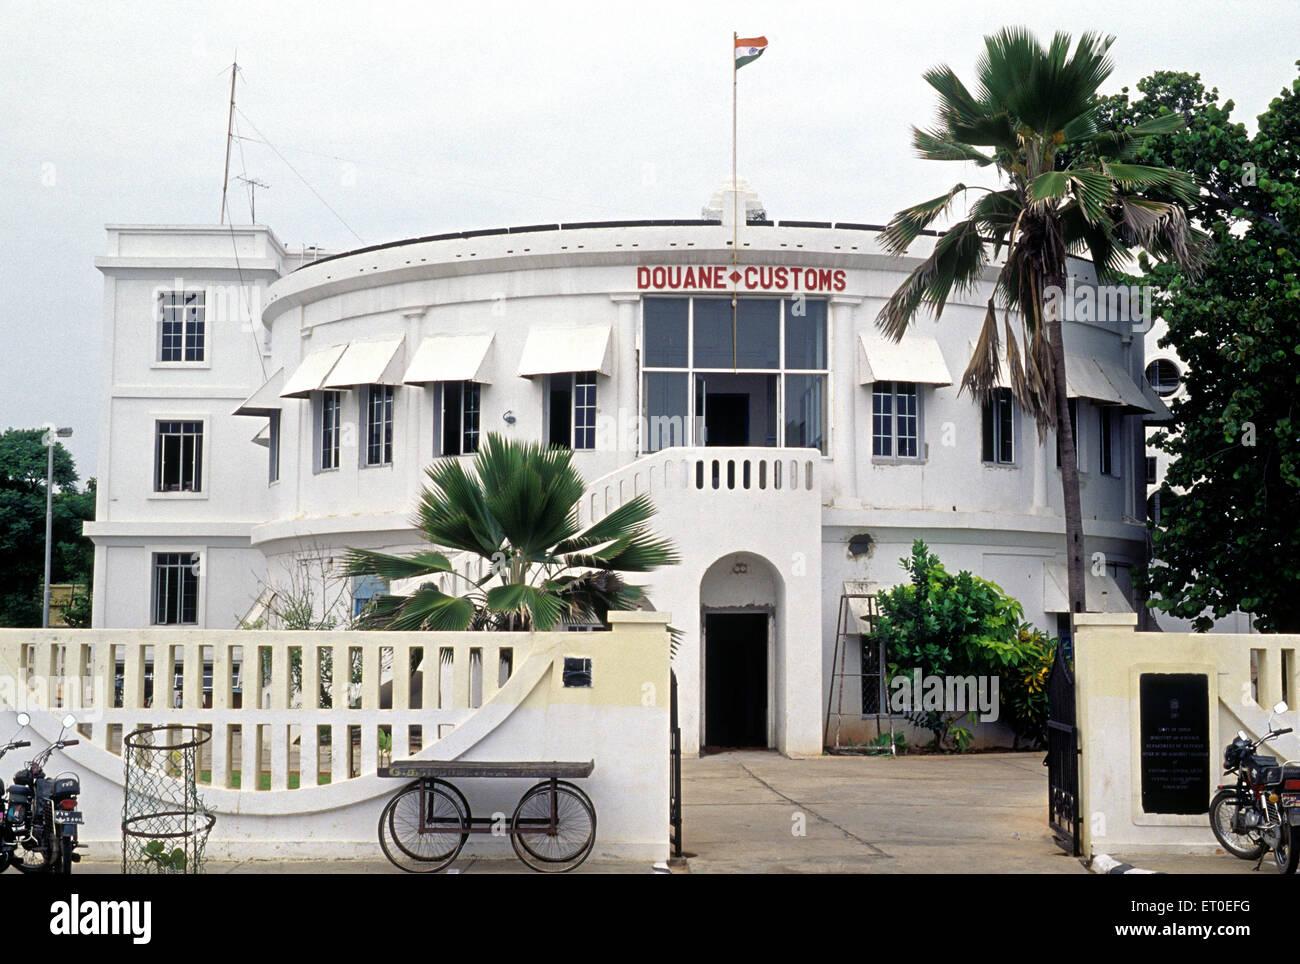 Les douanes sur l'avenue goubert Duane; Beach road; Rhône-Alpes; Tamil Nadu Inde; Photo Stock